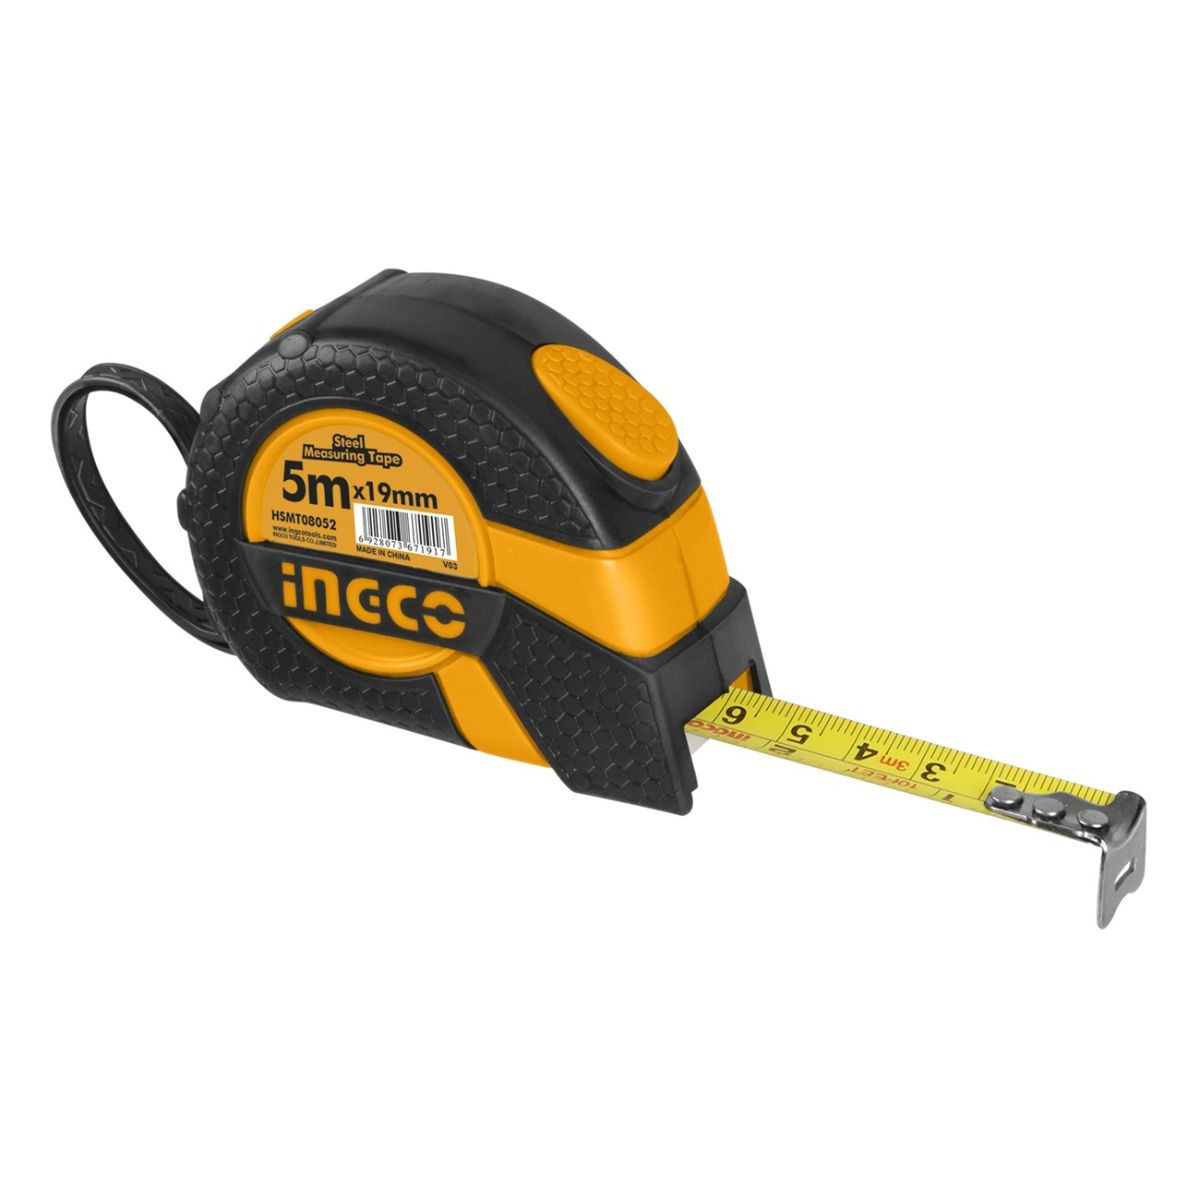 Ingco  5mx19mm Steel measuring tape HSMT08052